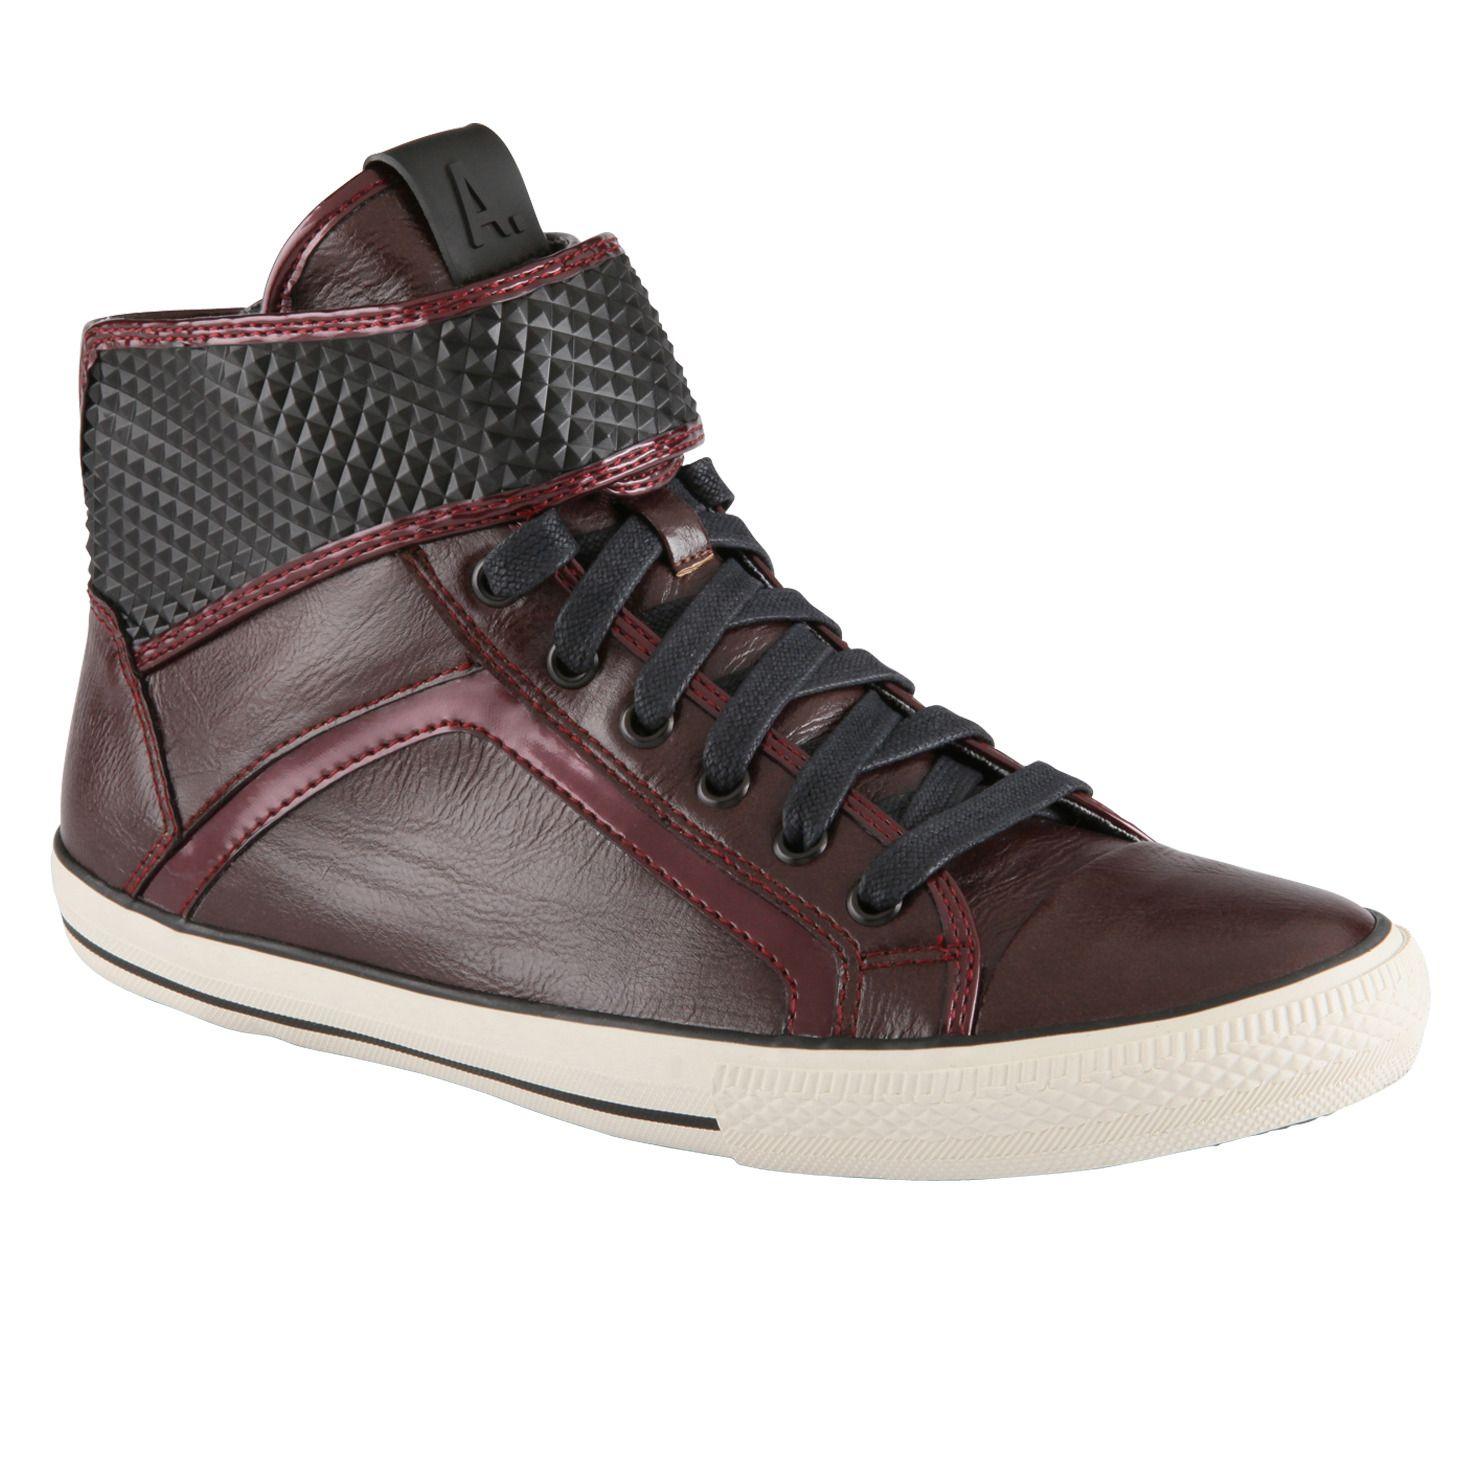 ALDO | Shoes, Boots, Sandals, Handbags